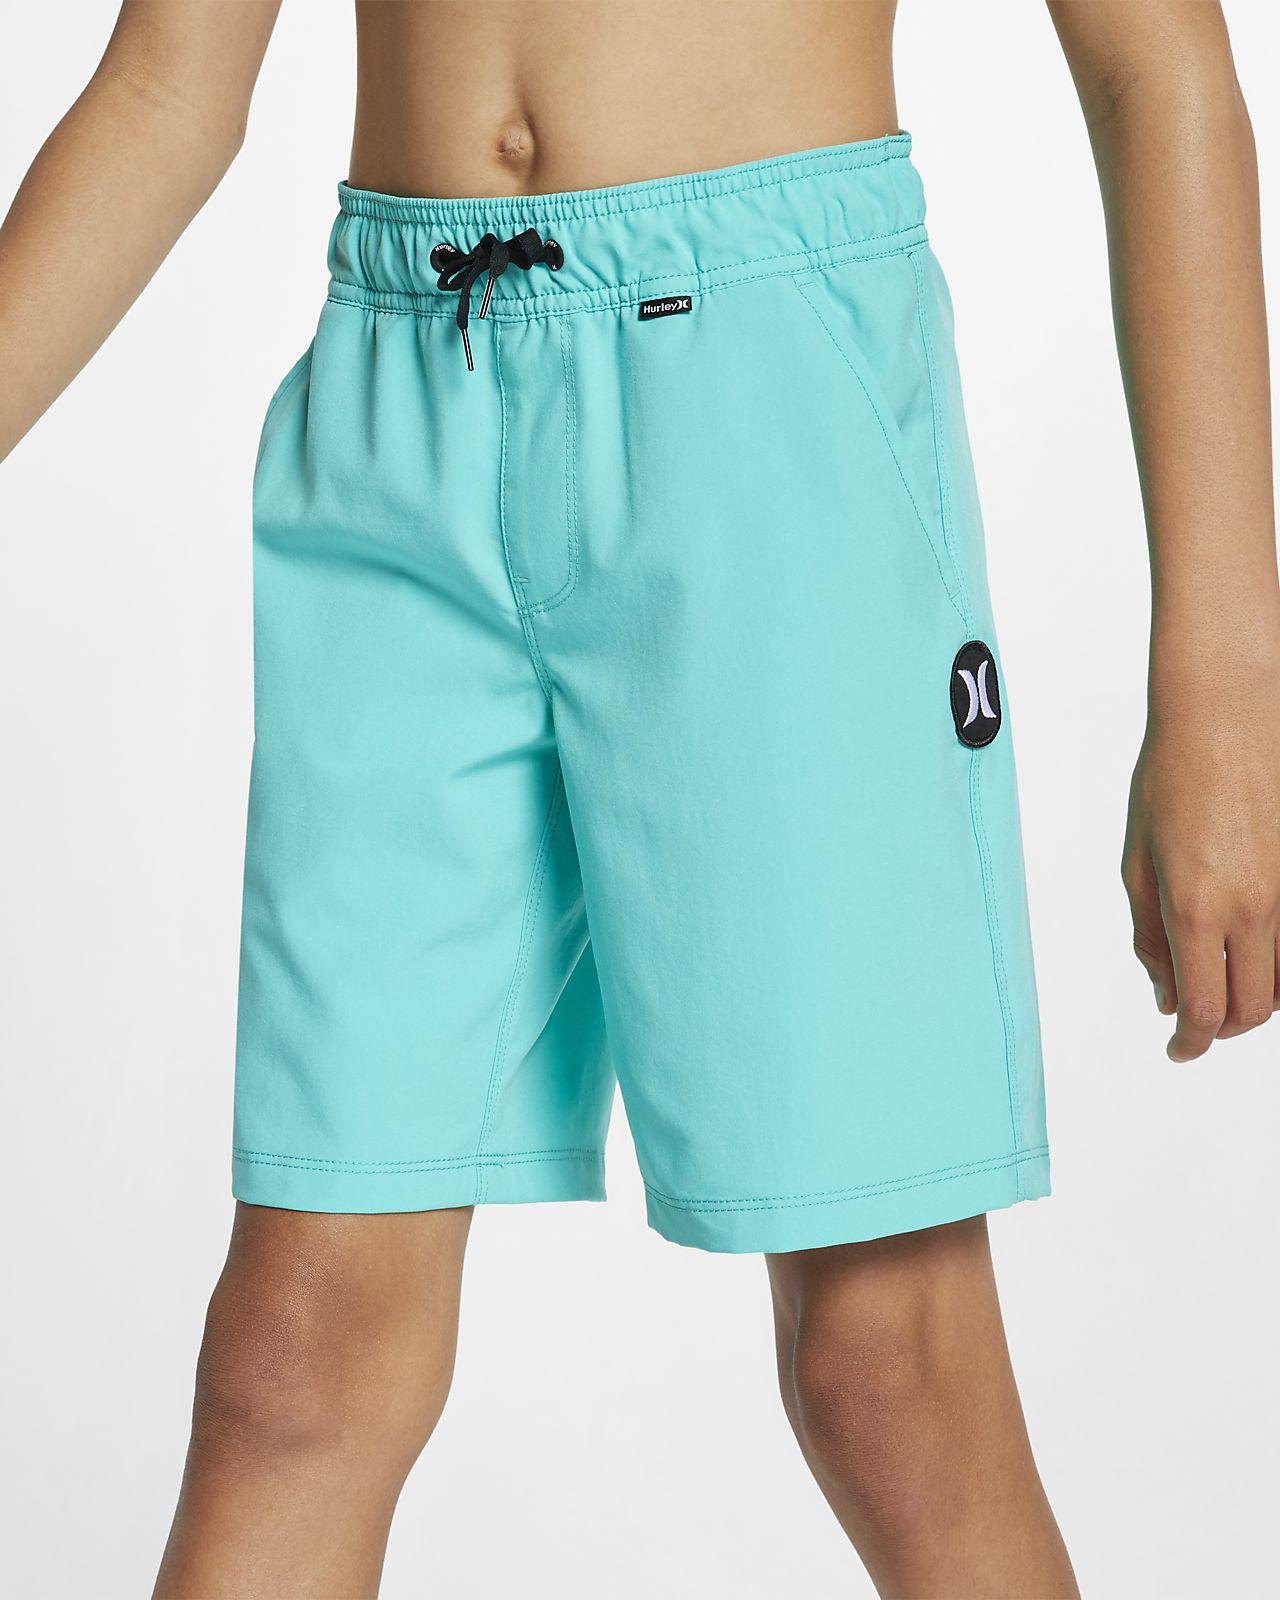 Hurley One and Only Volley Boardshorts voor jongens (41 cm)